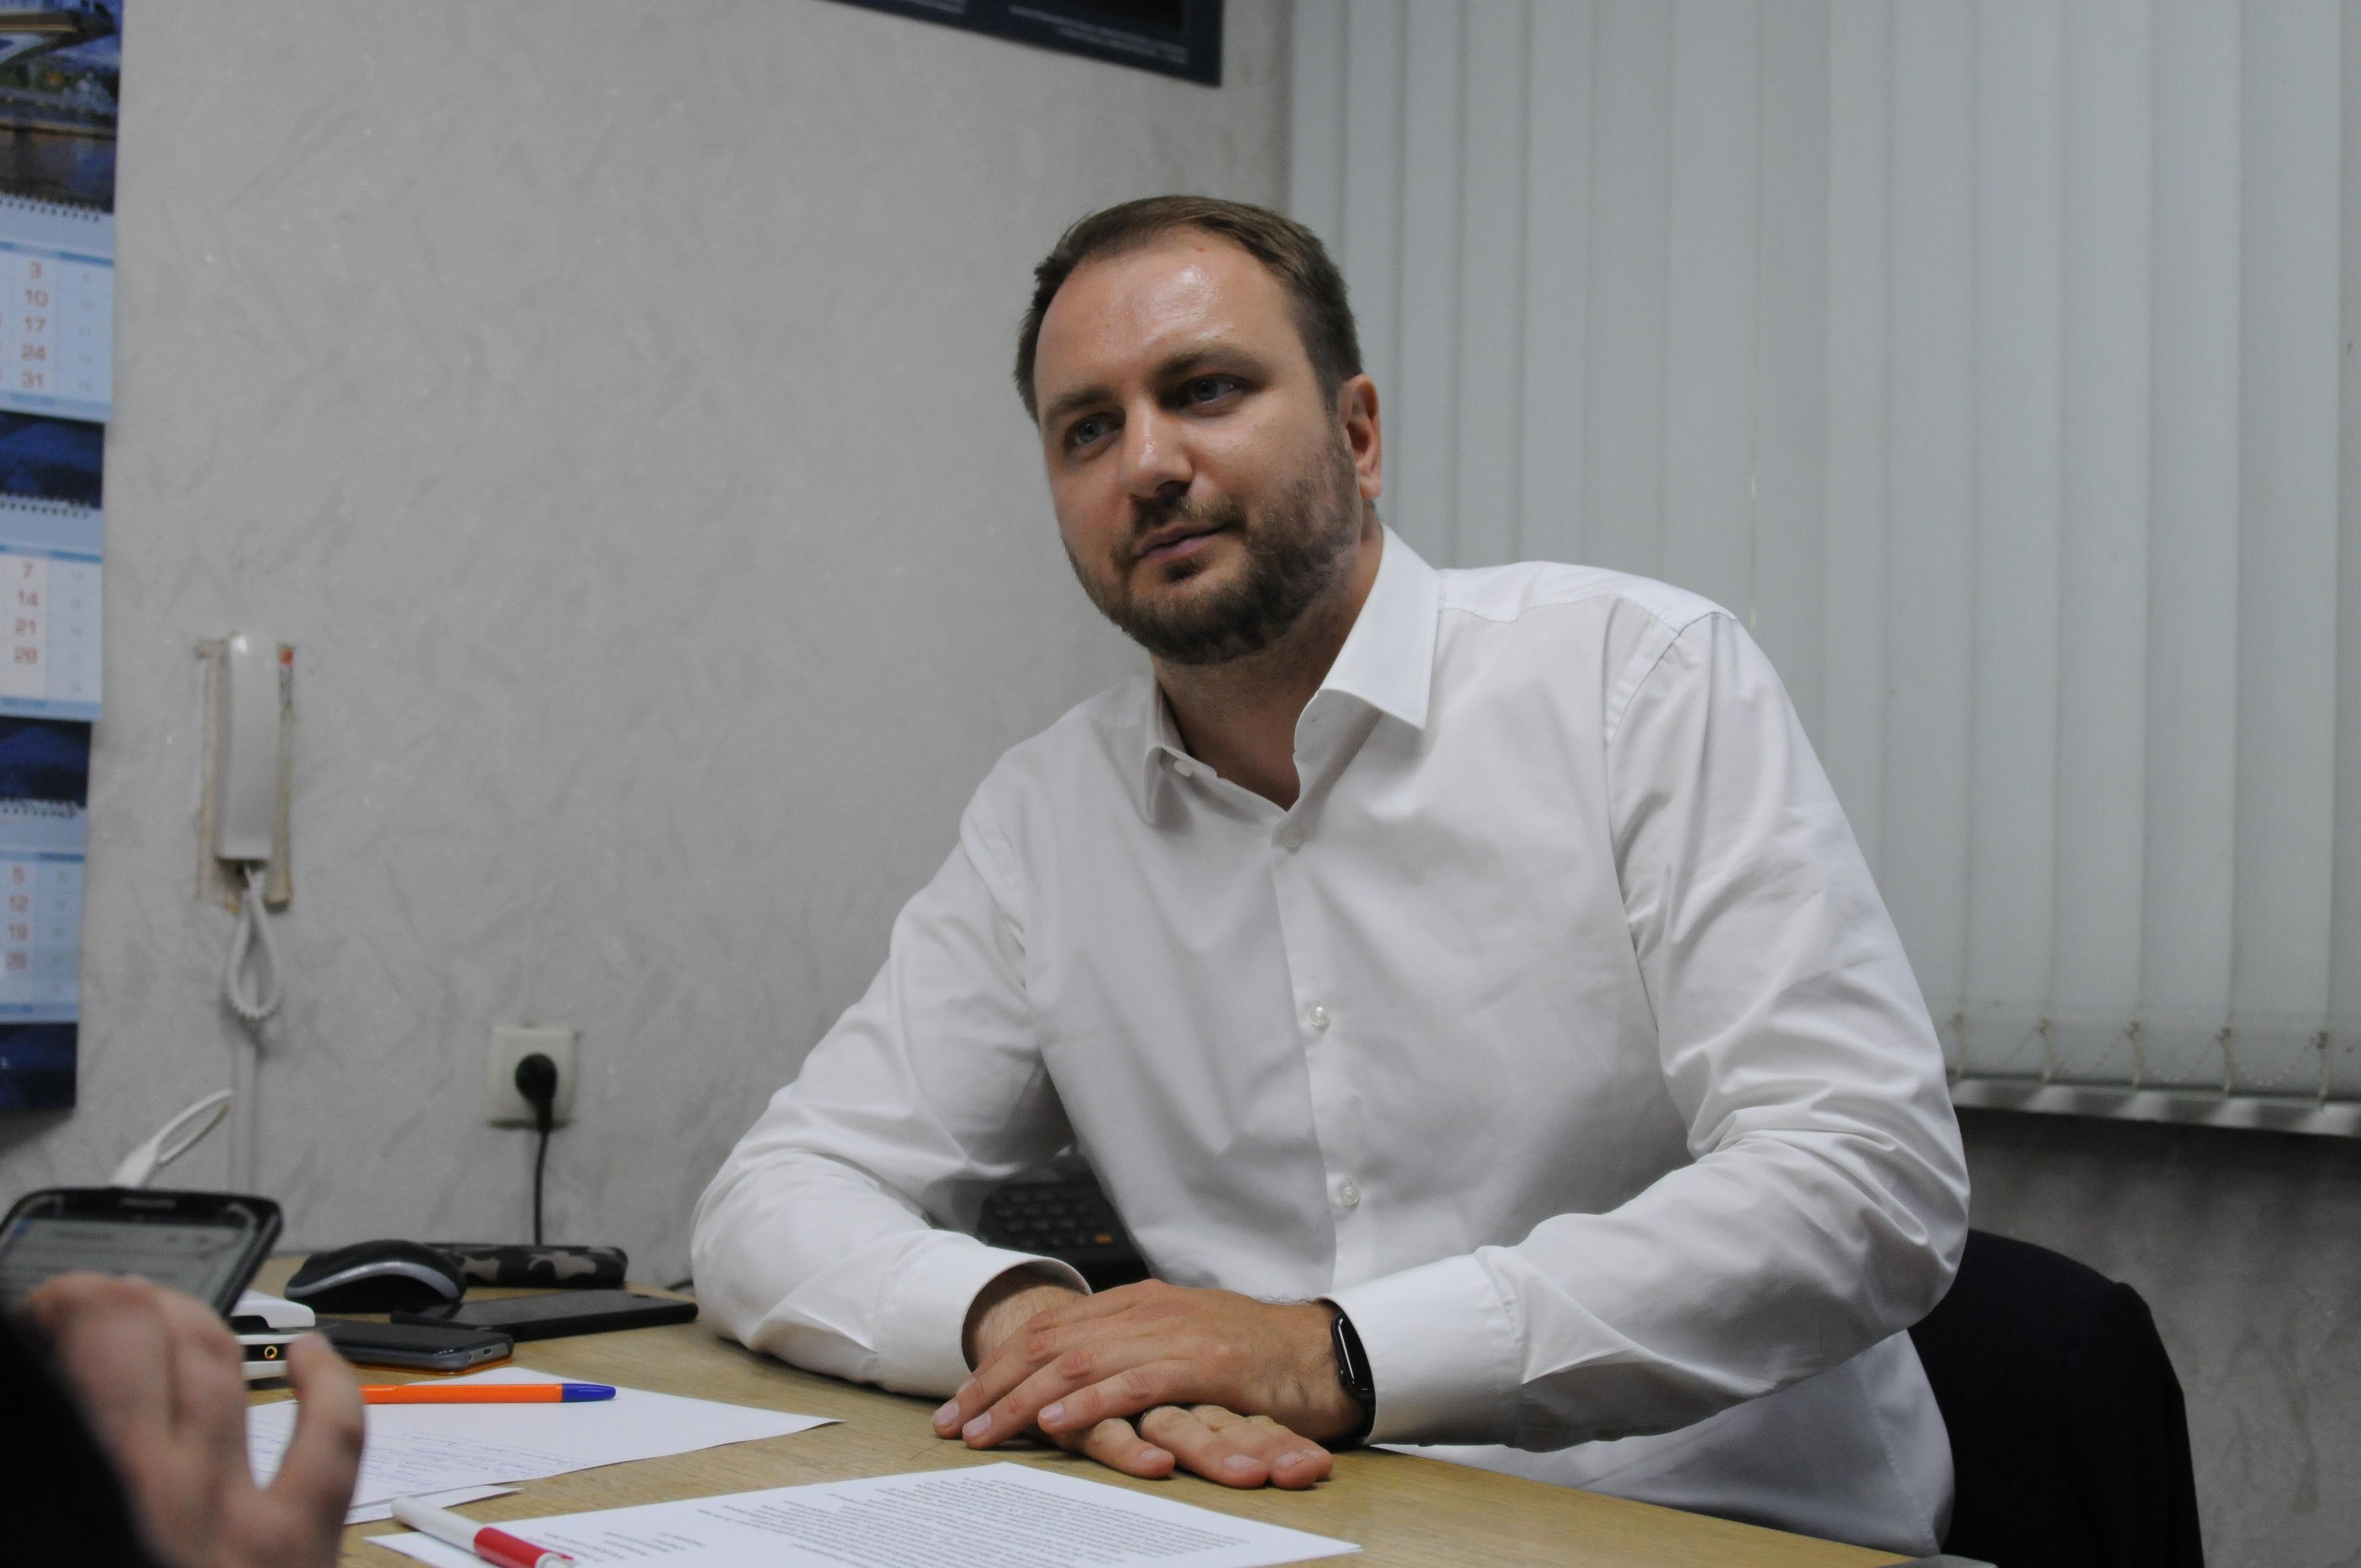 Депутат МГД Щитов рассказал о работе над мерами борьбы с опасным вождением на машинах каршеринга